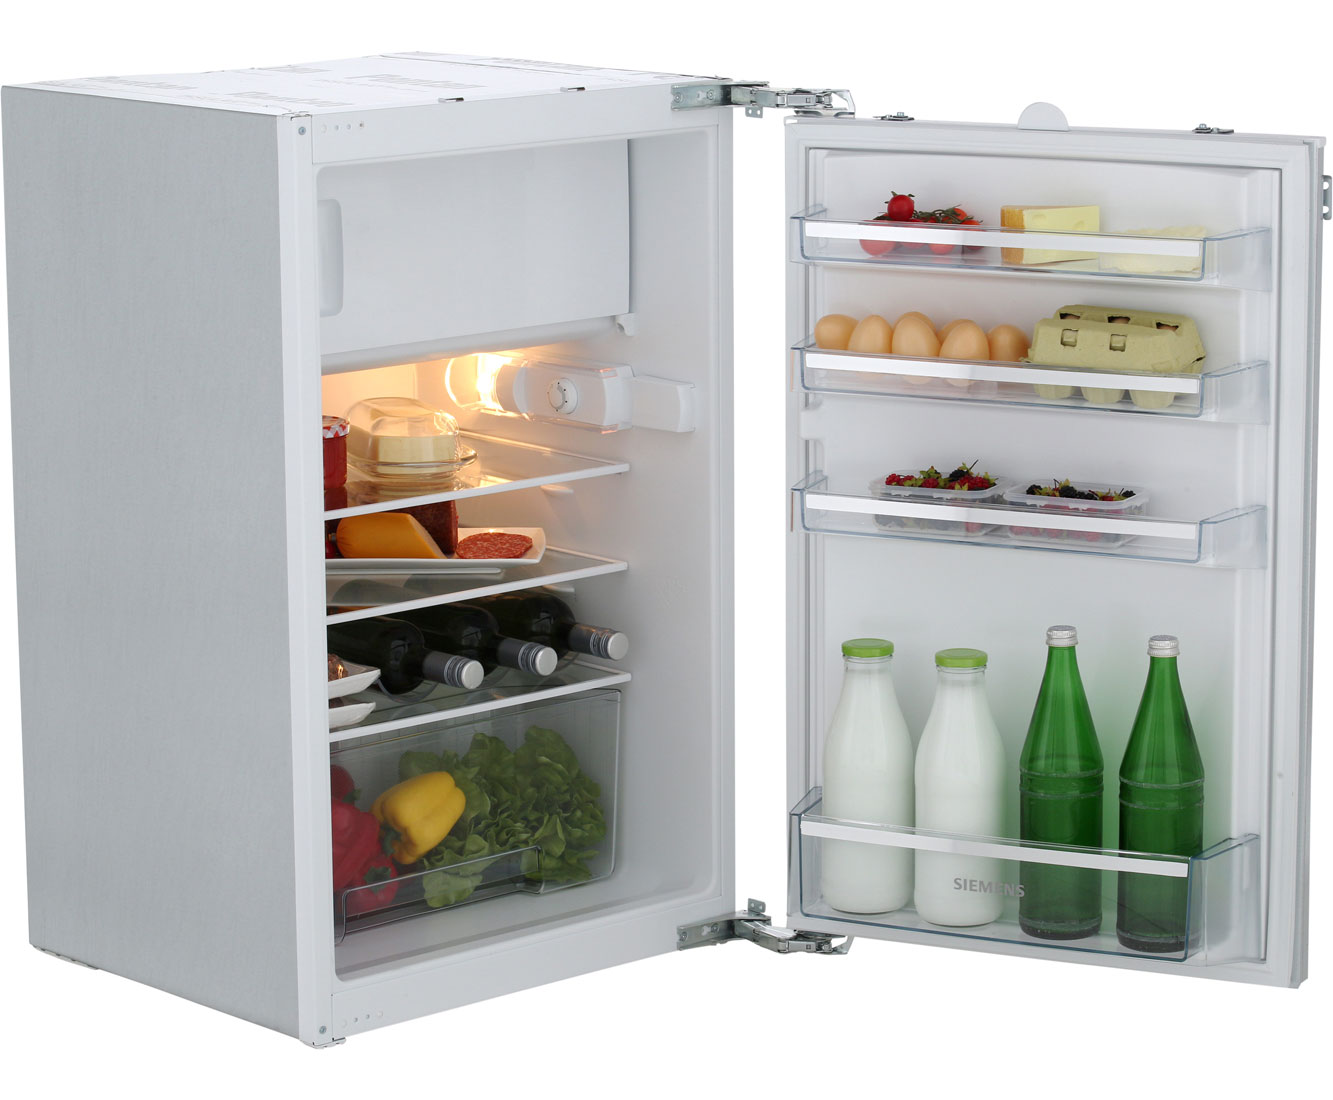 Siemens Kühlschrank In Betrieb Nehmen : Siemens ki lv kühlschrank eingebaut cm weiß neu ebay